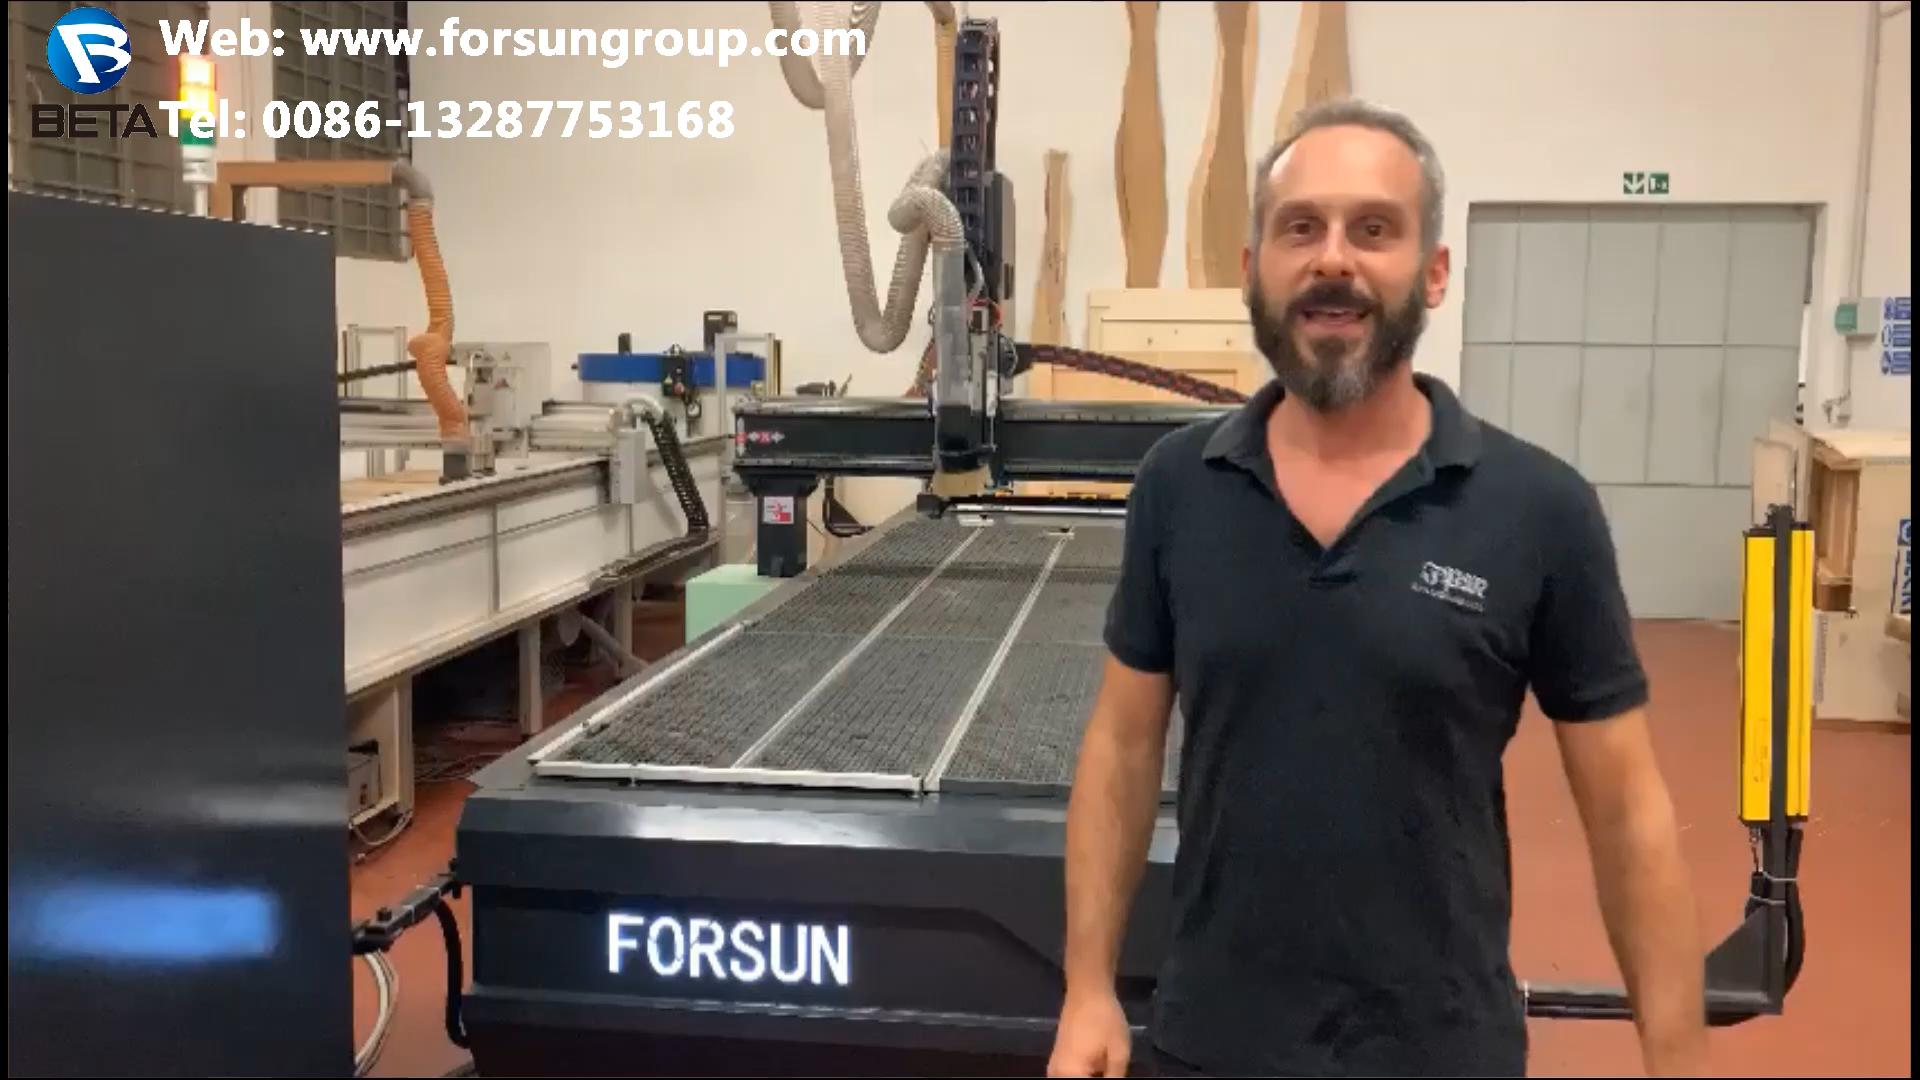 Forsun ที่ดีที่สุด-ขาย 3D 4D 5D ไม้โฟม EPS โฟมโพลีสไตรีนเรือแม่พิมพ์ CNC 5 แกนเครื่อง,เราเตอร์ CNC 5 แกน